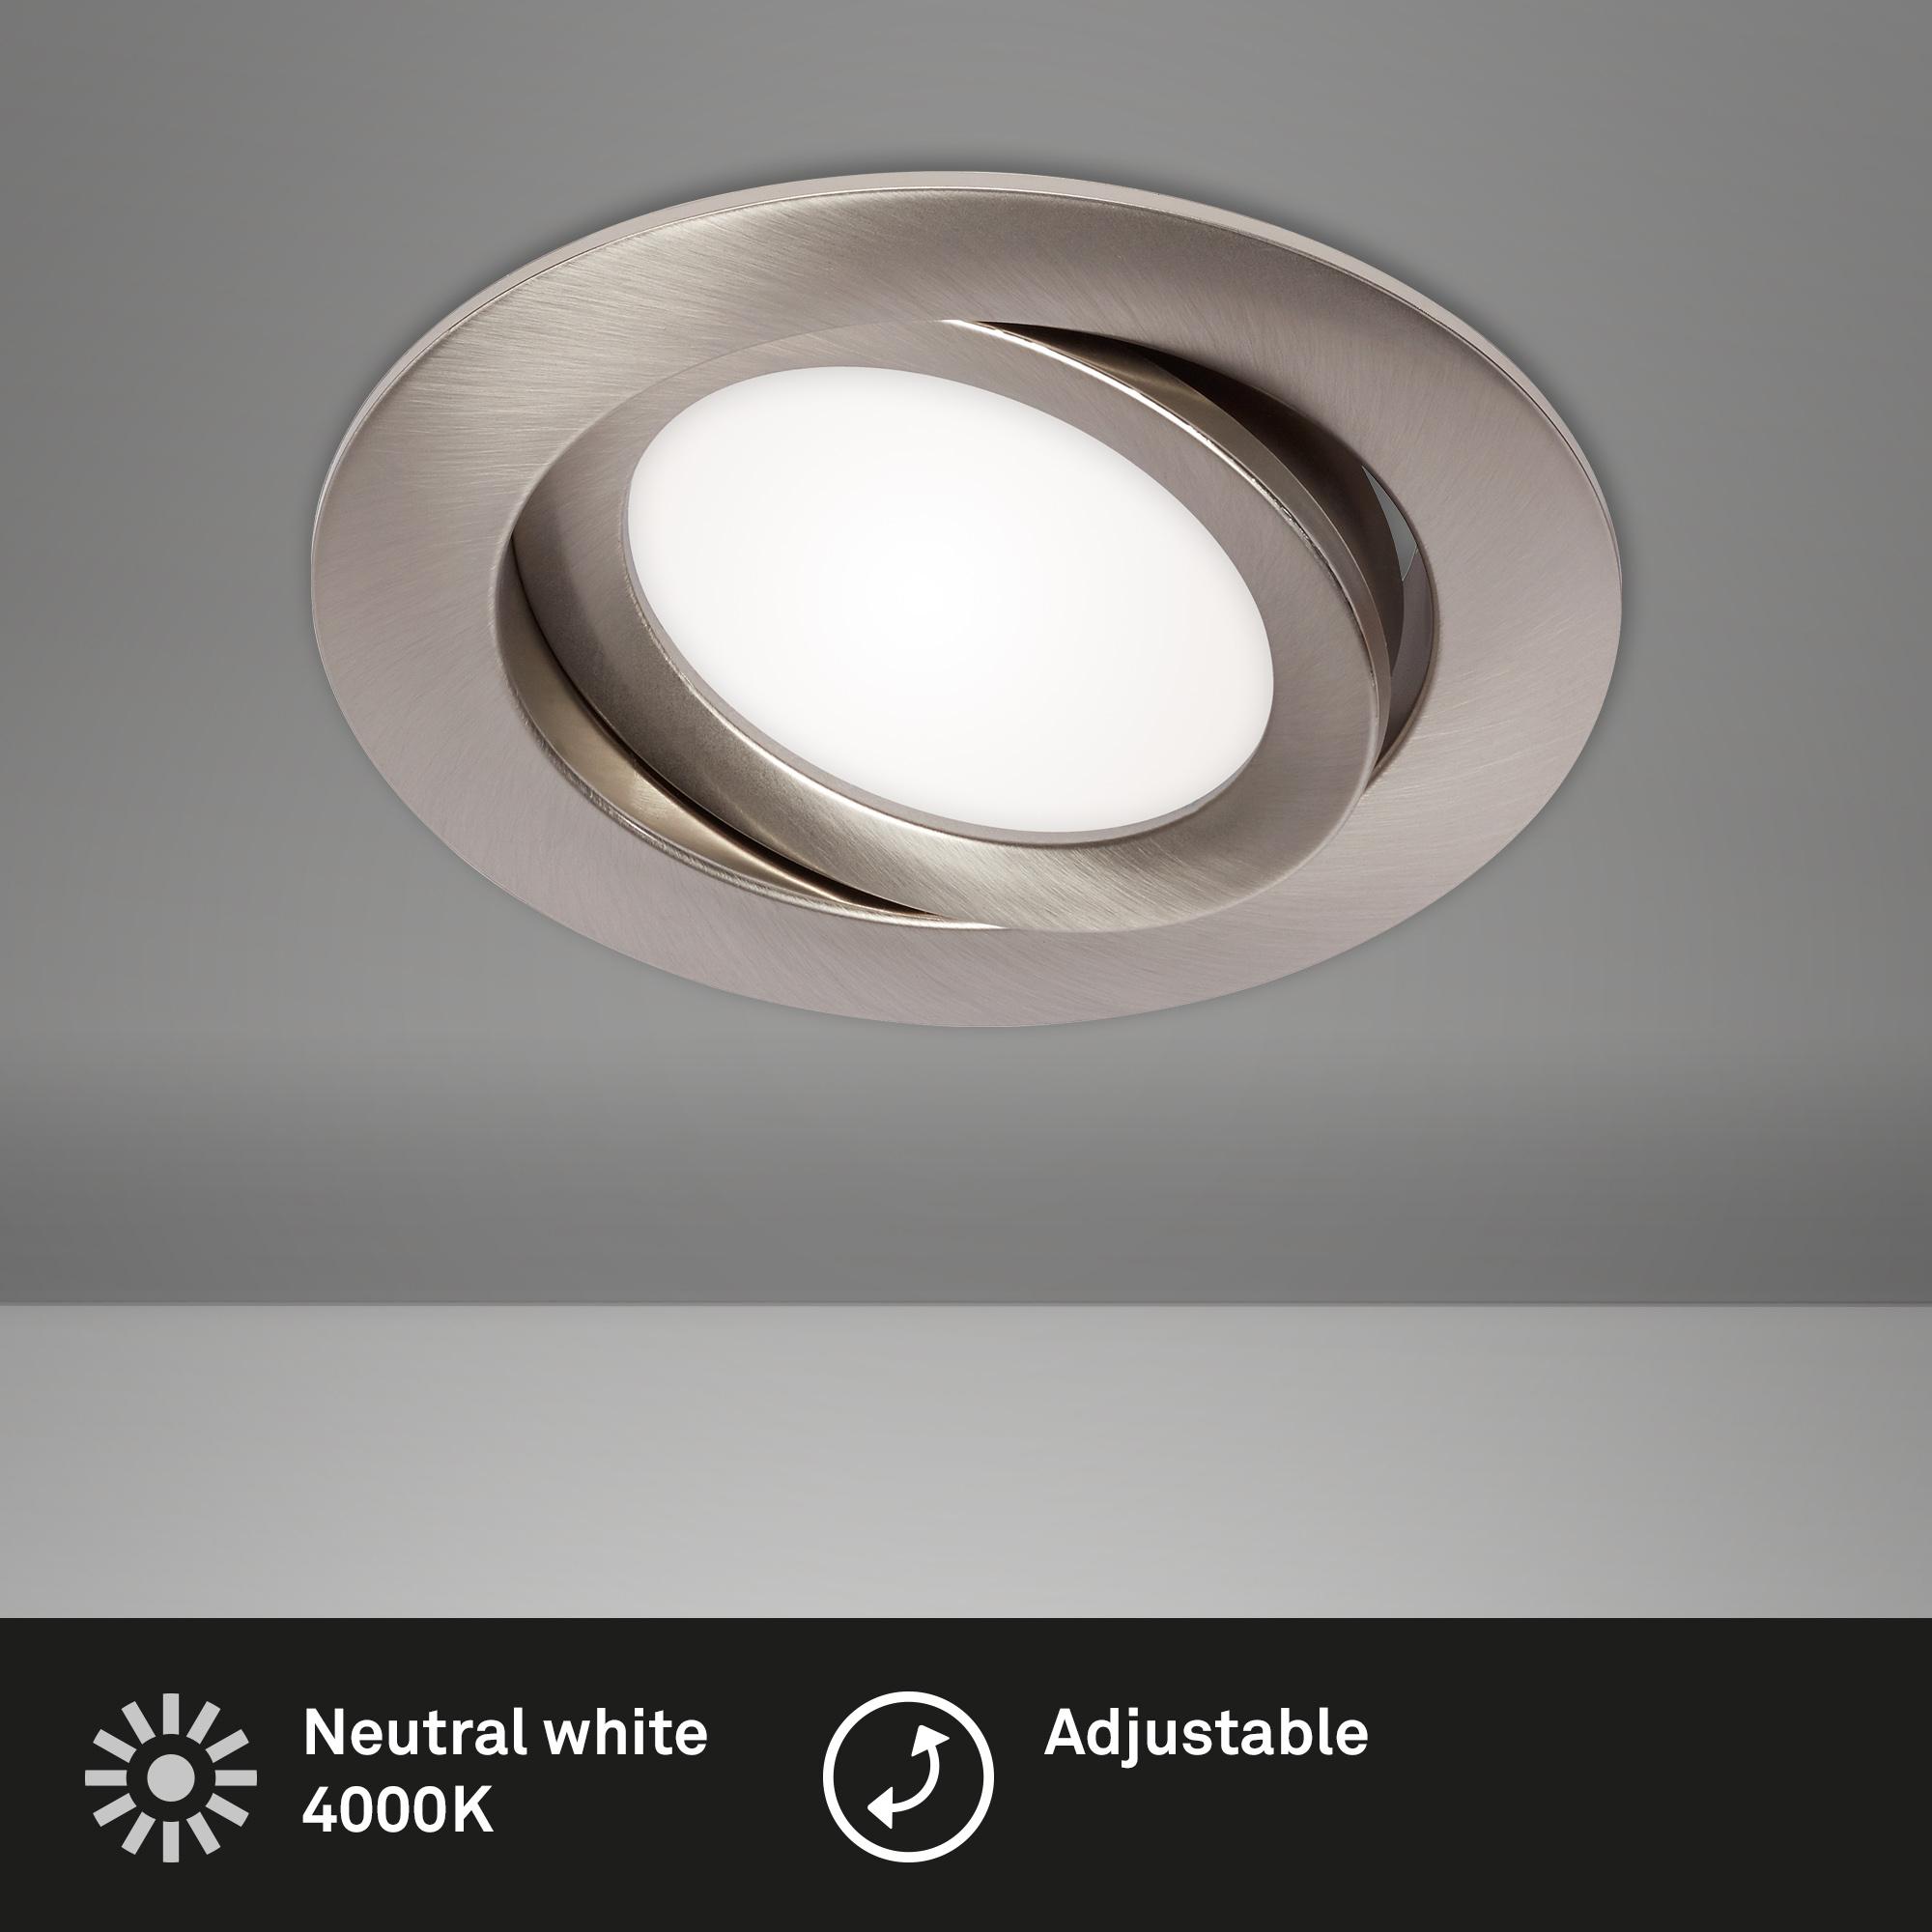 LED Einbauleuchte, Ø 10,6 cm, 7 W, Matt-Nickel